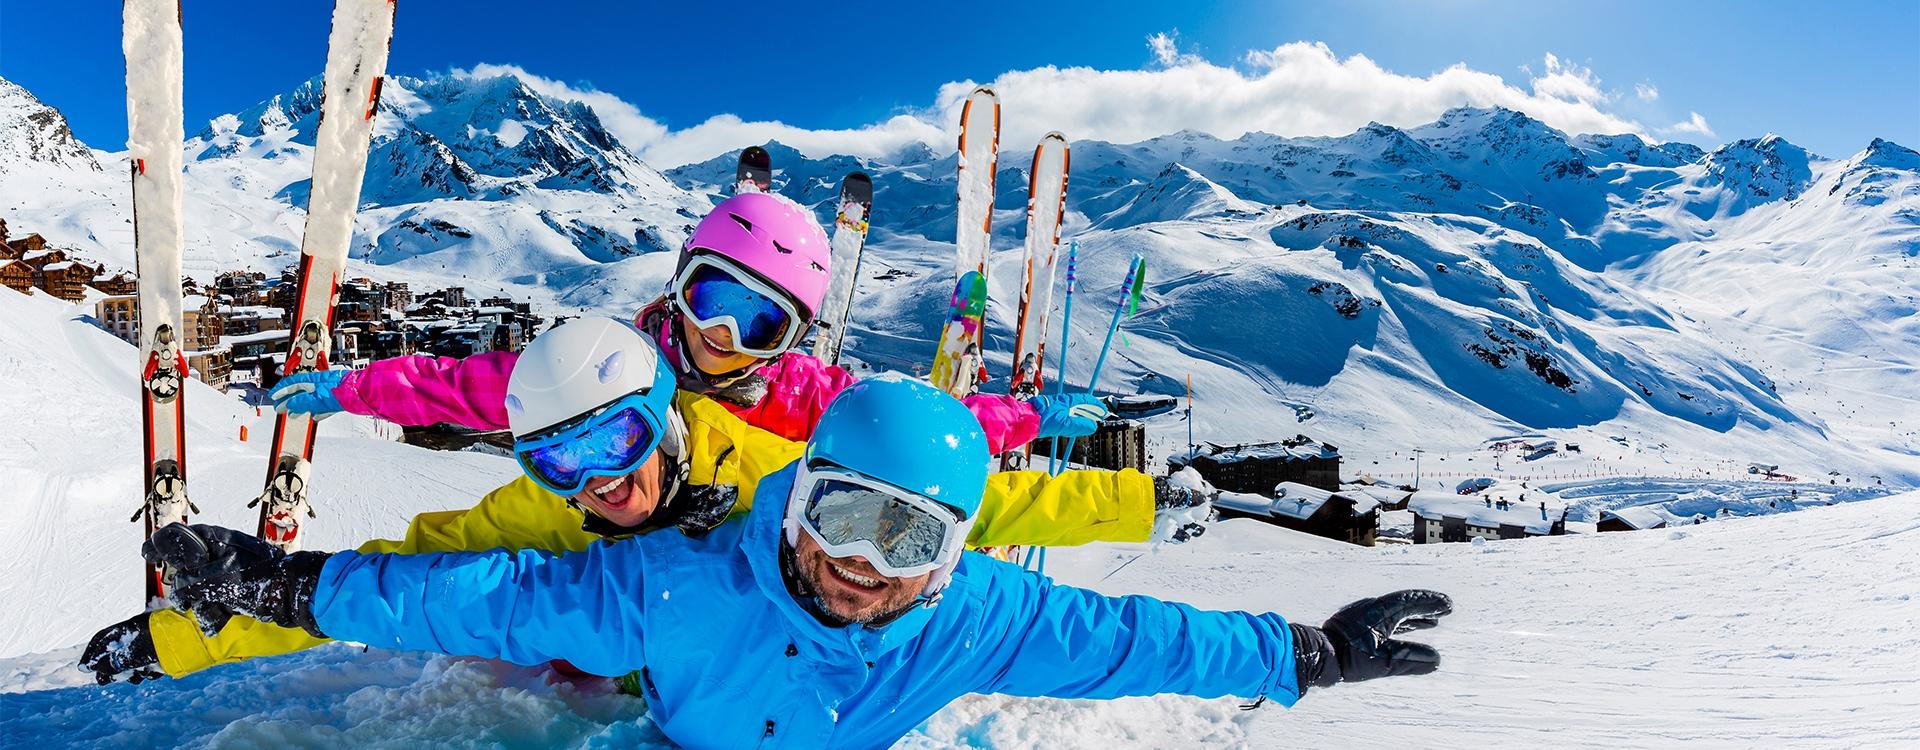 Dans une station de ski / A2